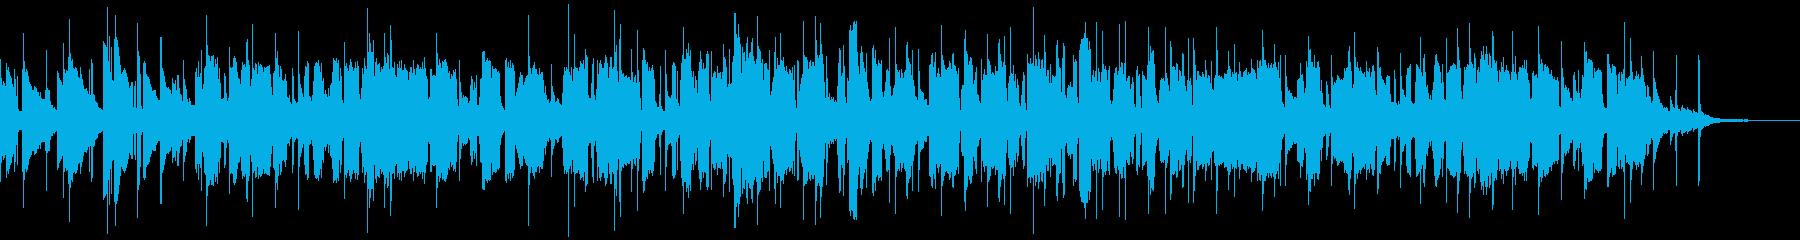 イングリッシュホルンによる叙情的な曲の再生済みの波形